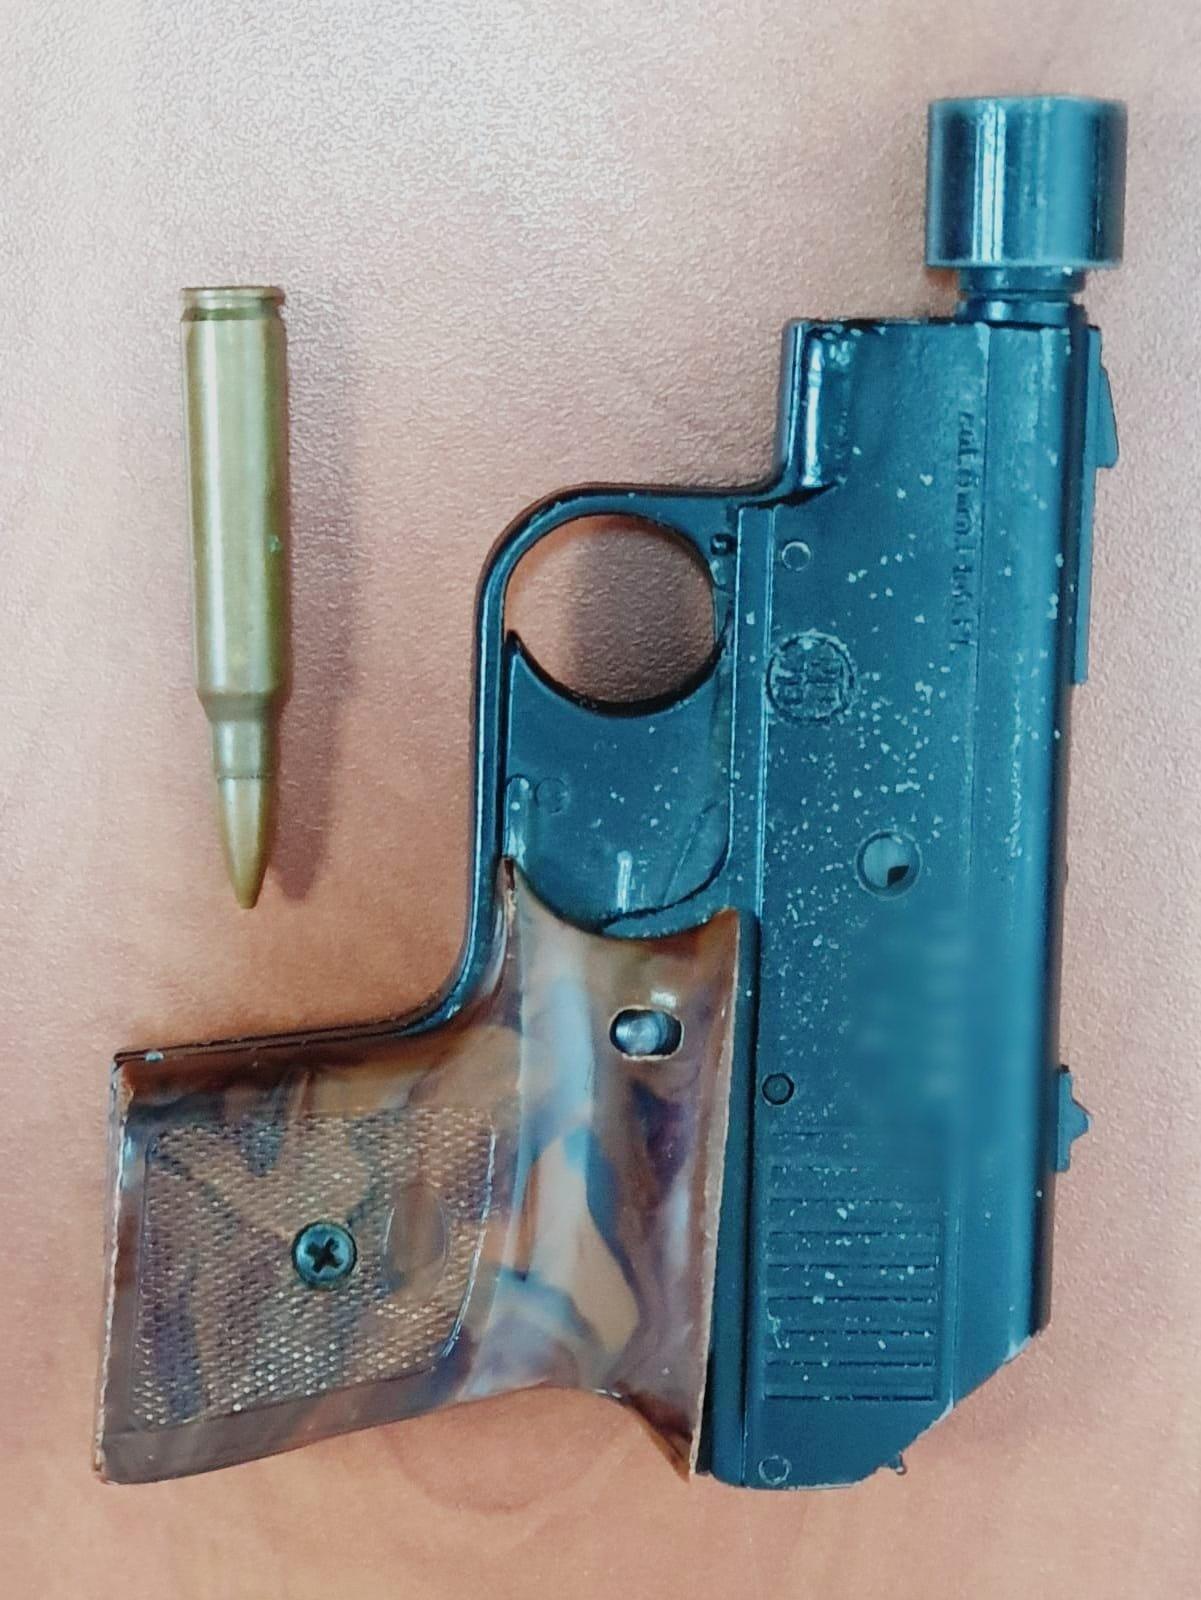 هذه الأسلحة التي ضبطتها الشرطة في بلدات عربية الاسبوع الماضي